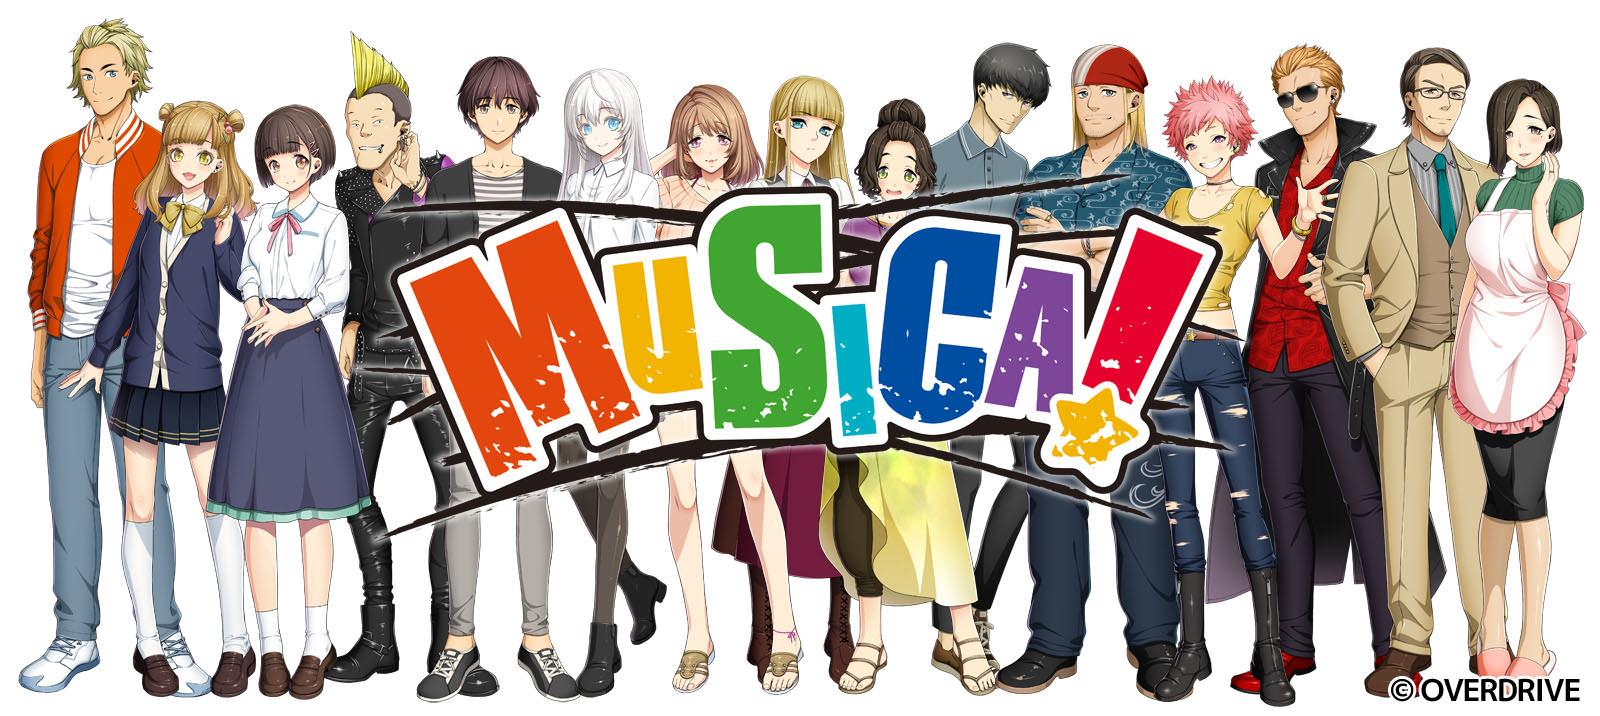 出典:musica.over-drive.jp